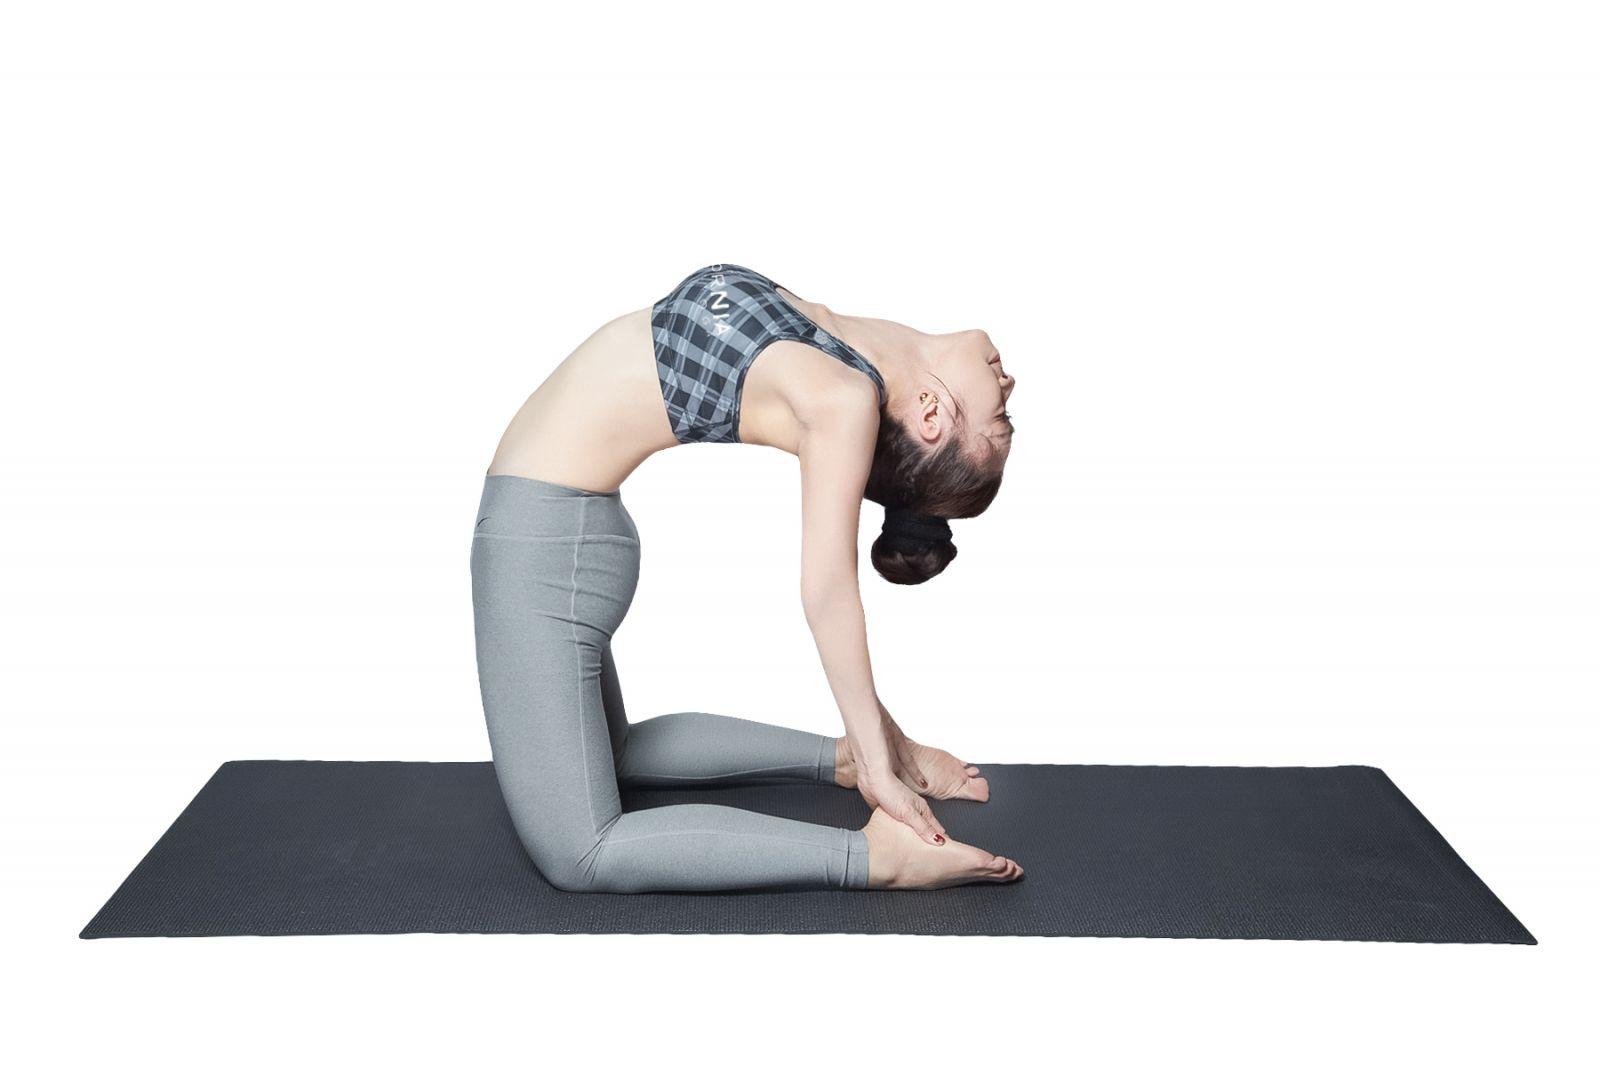 giảm mỡ bụng nhanh trong 3 ngày bằng yoga